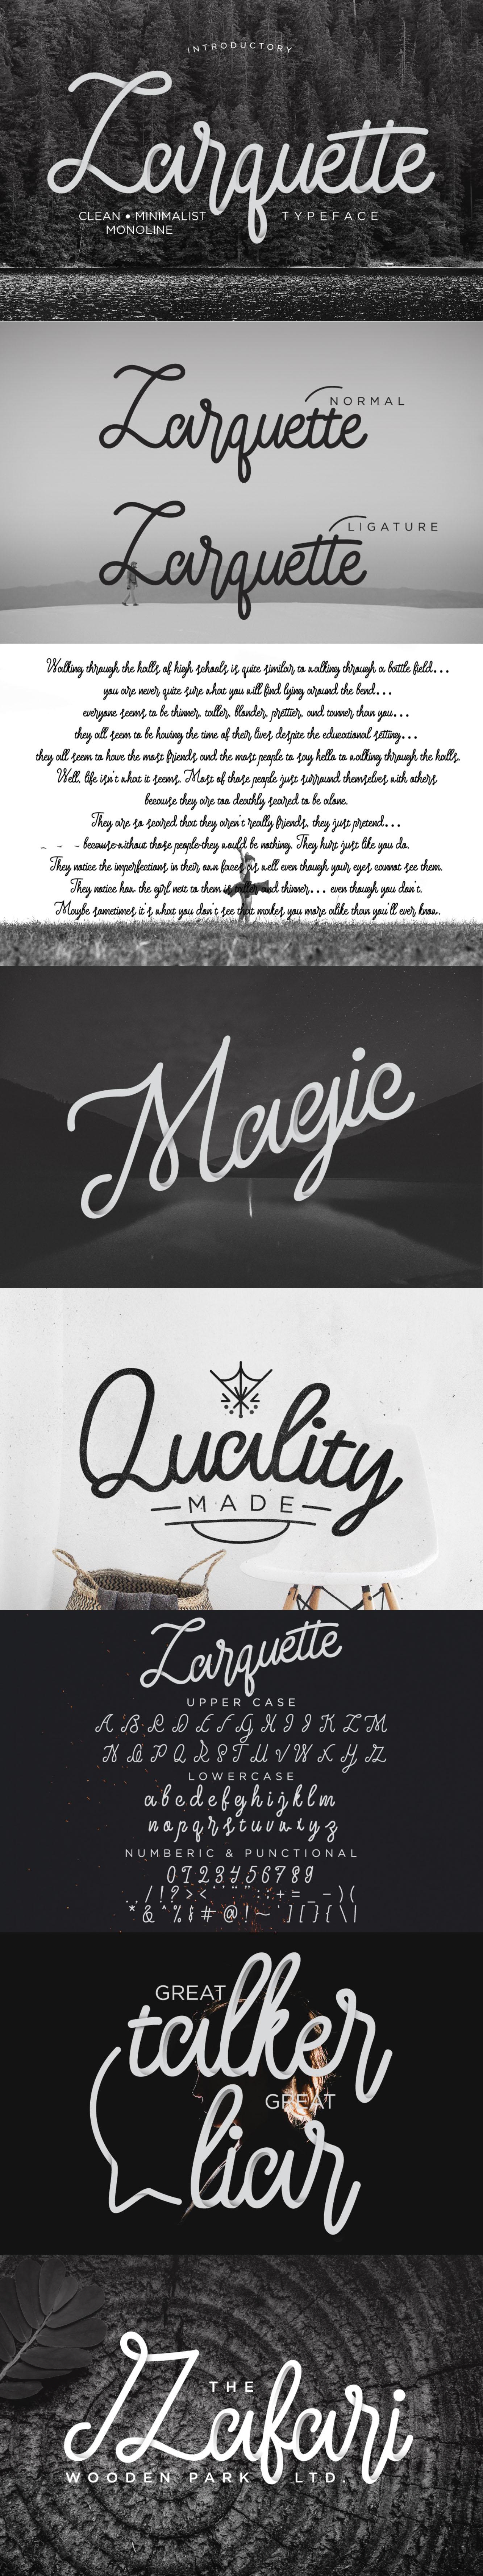 Larquette Typeface